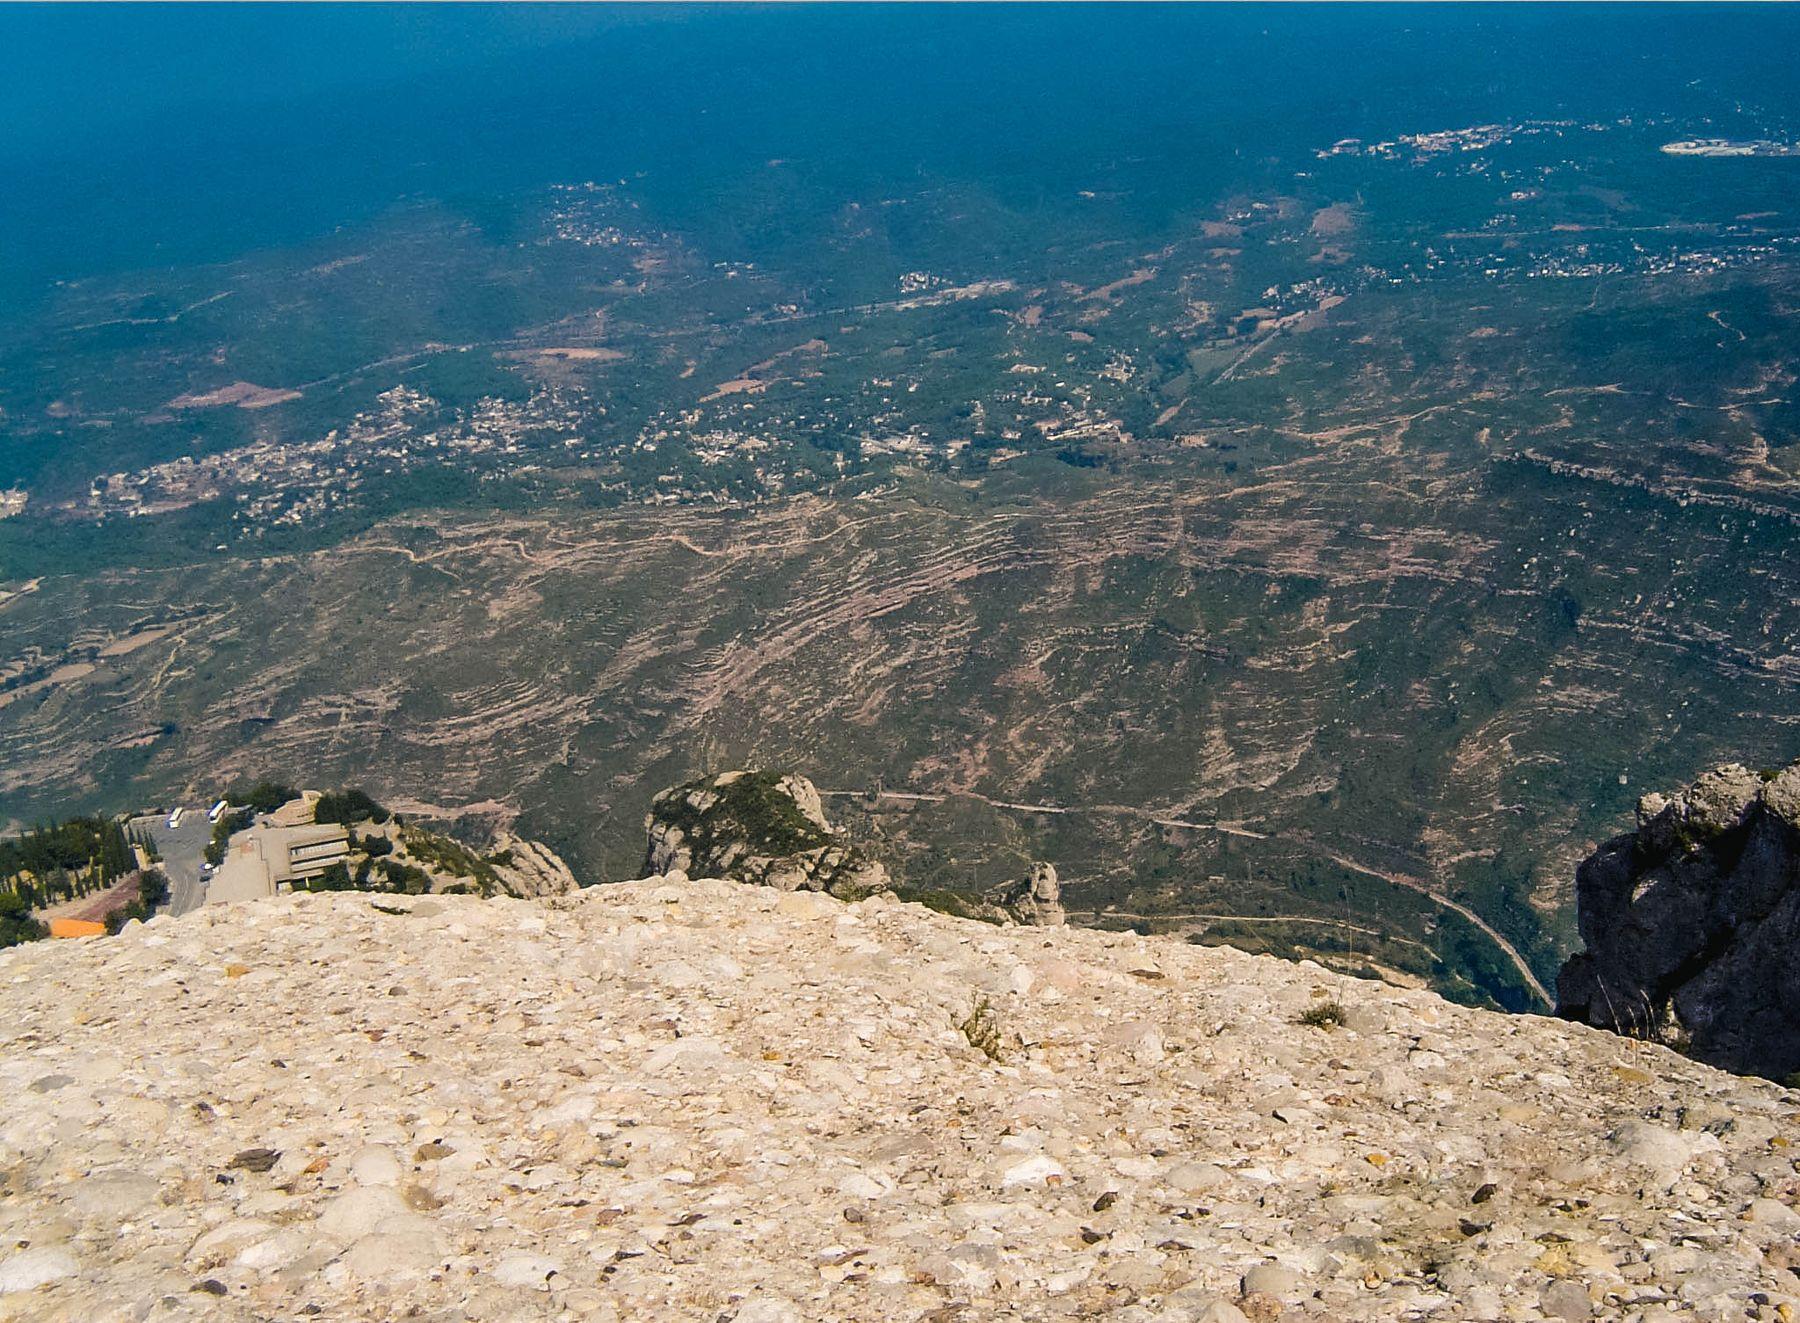 Вид с горы Монсеррат, Испания (09.09.2004)